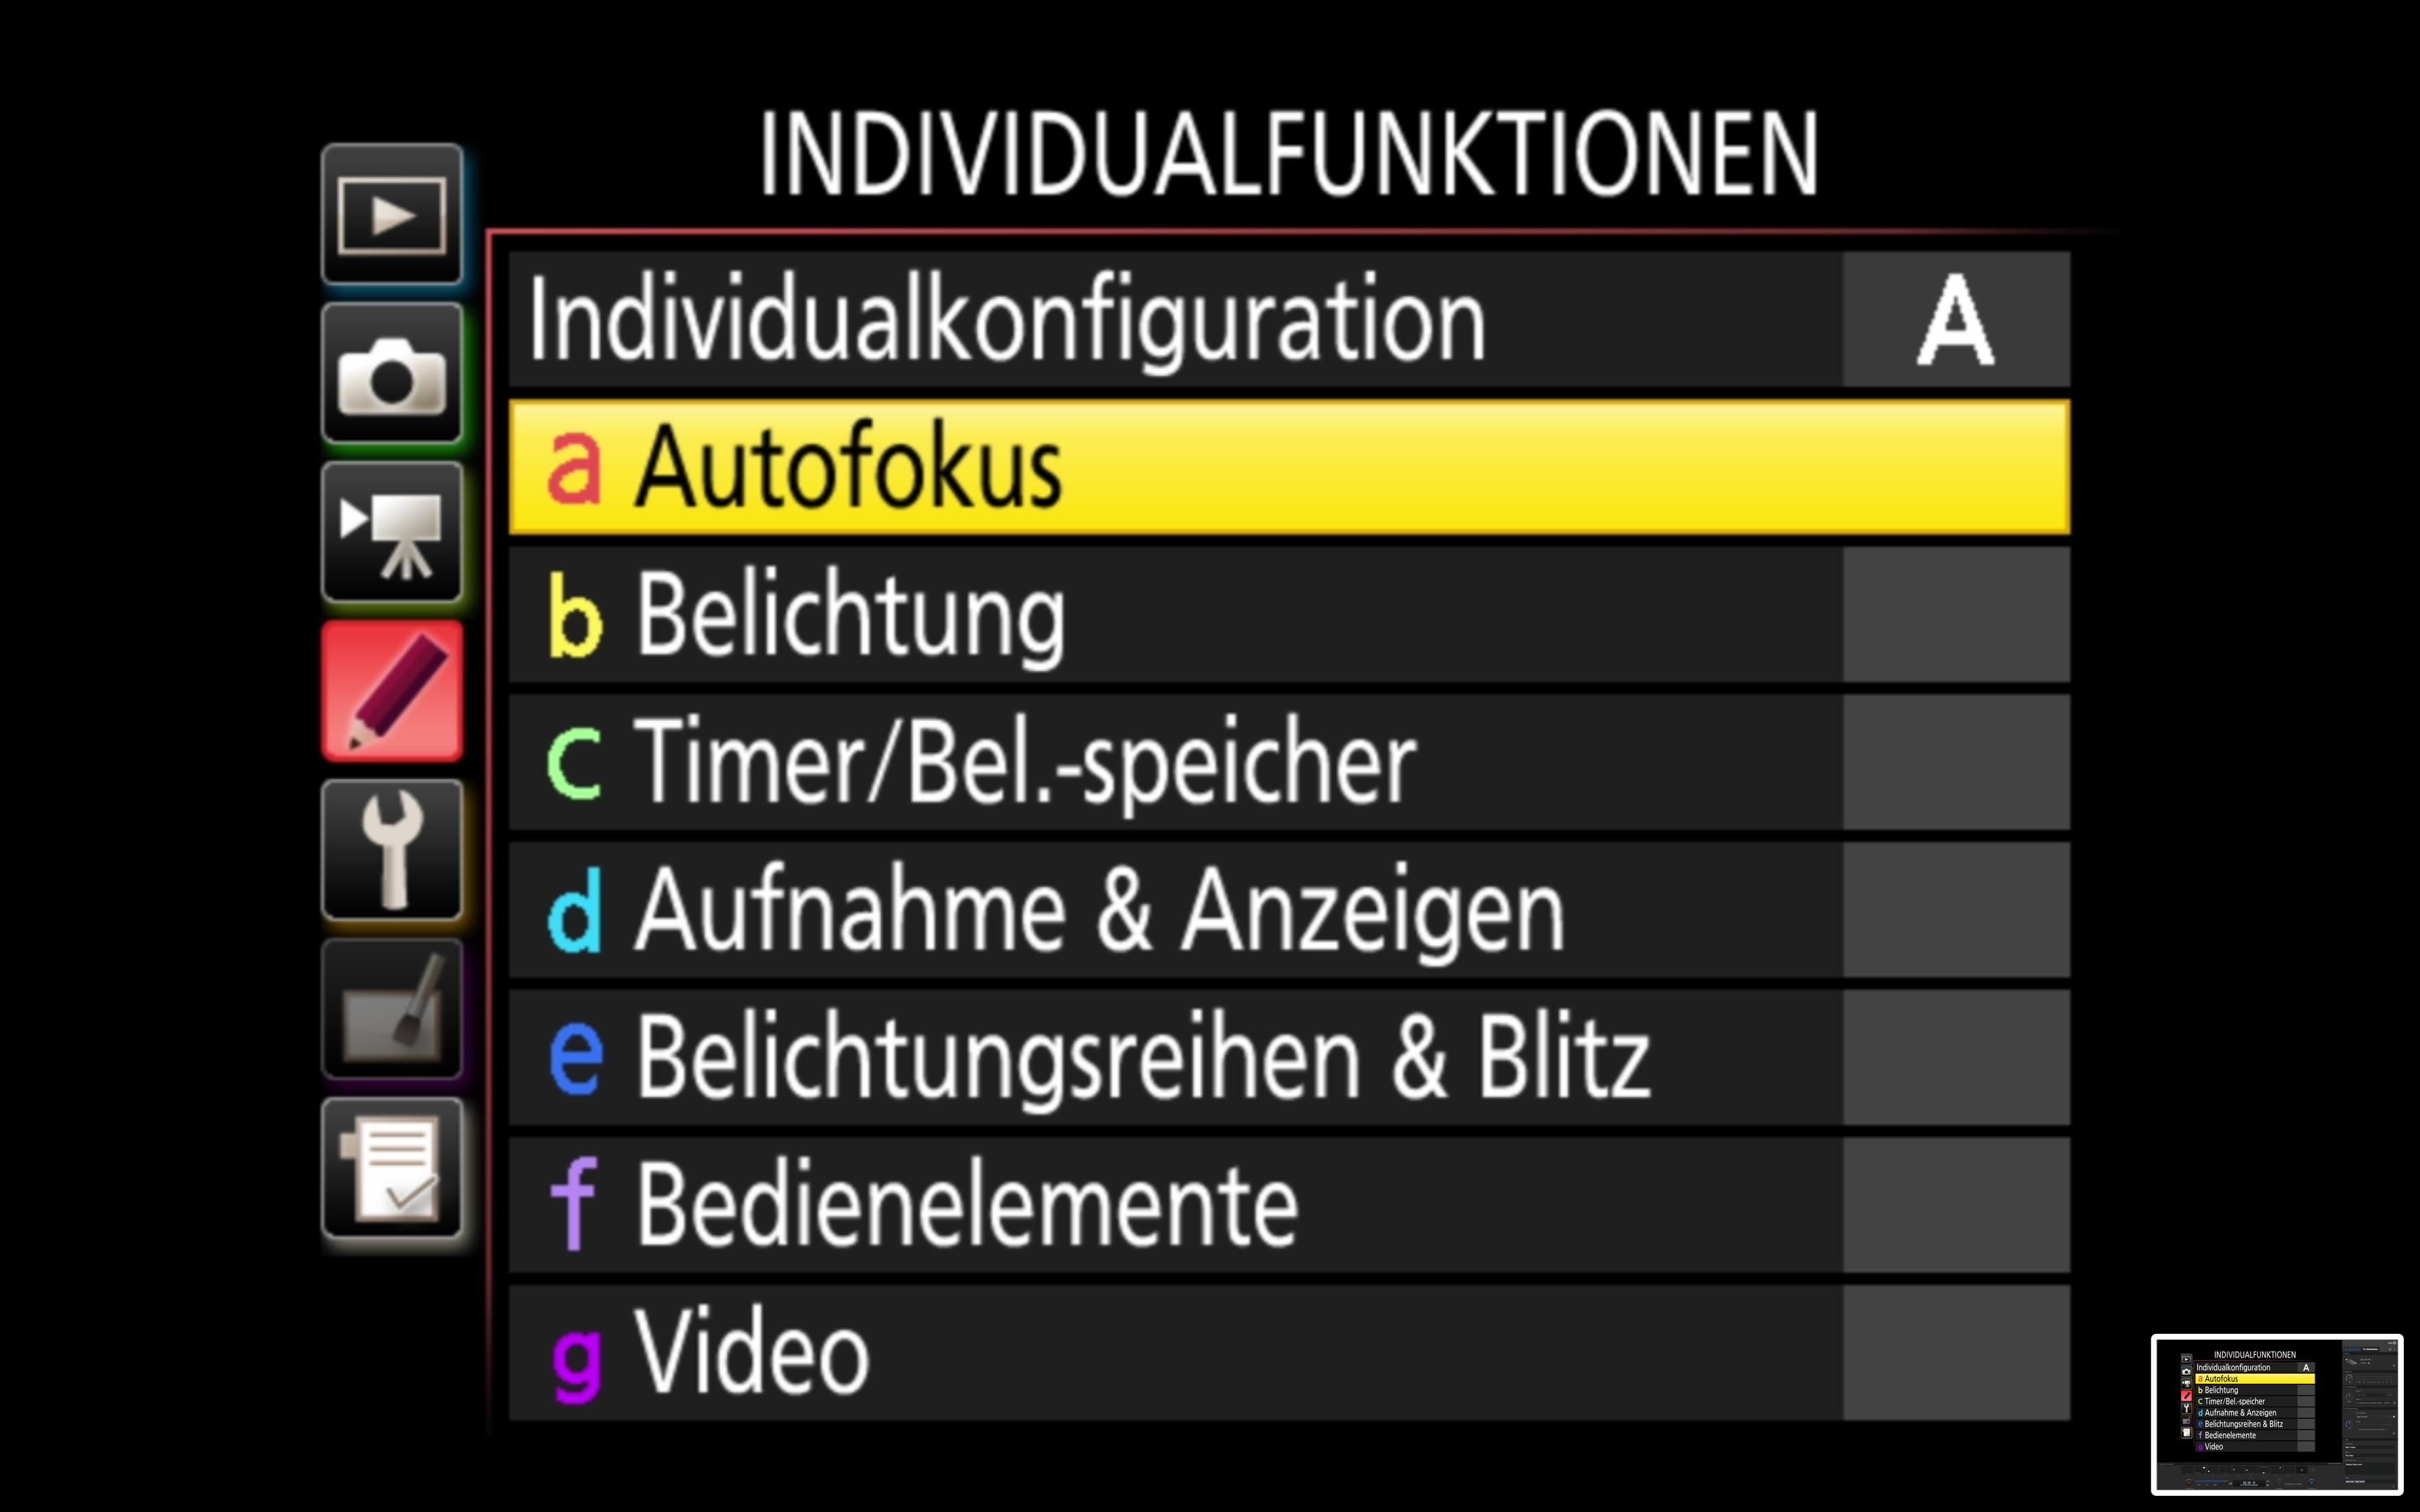 Individualkonfirguration-Autofokus.png